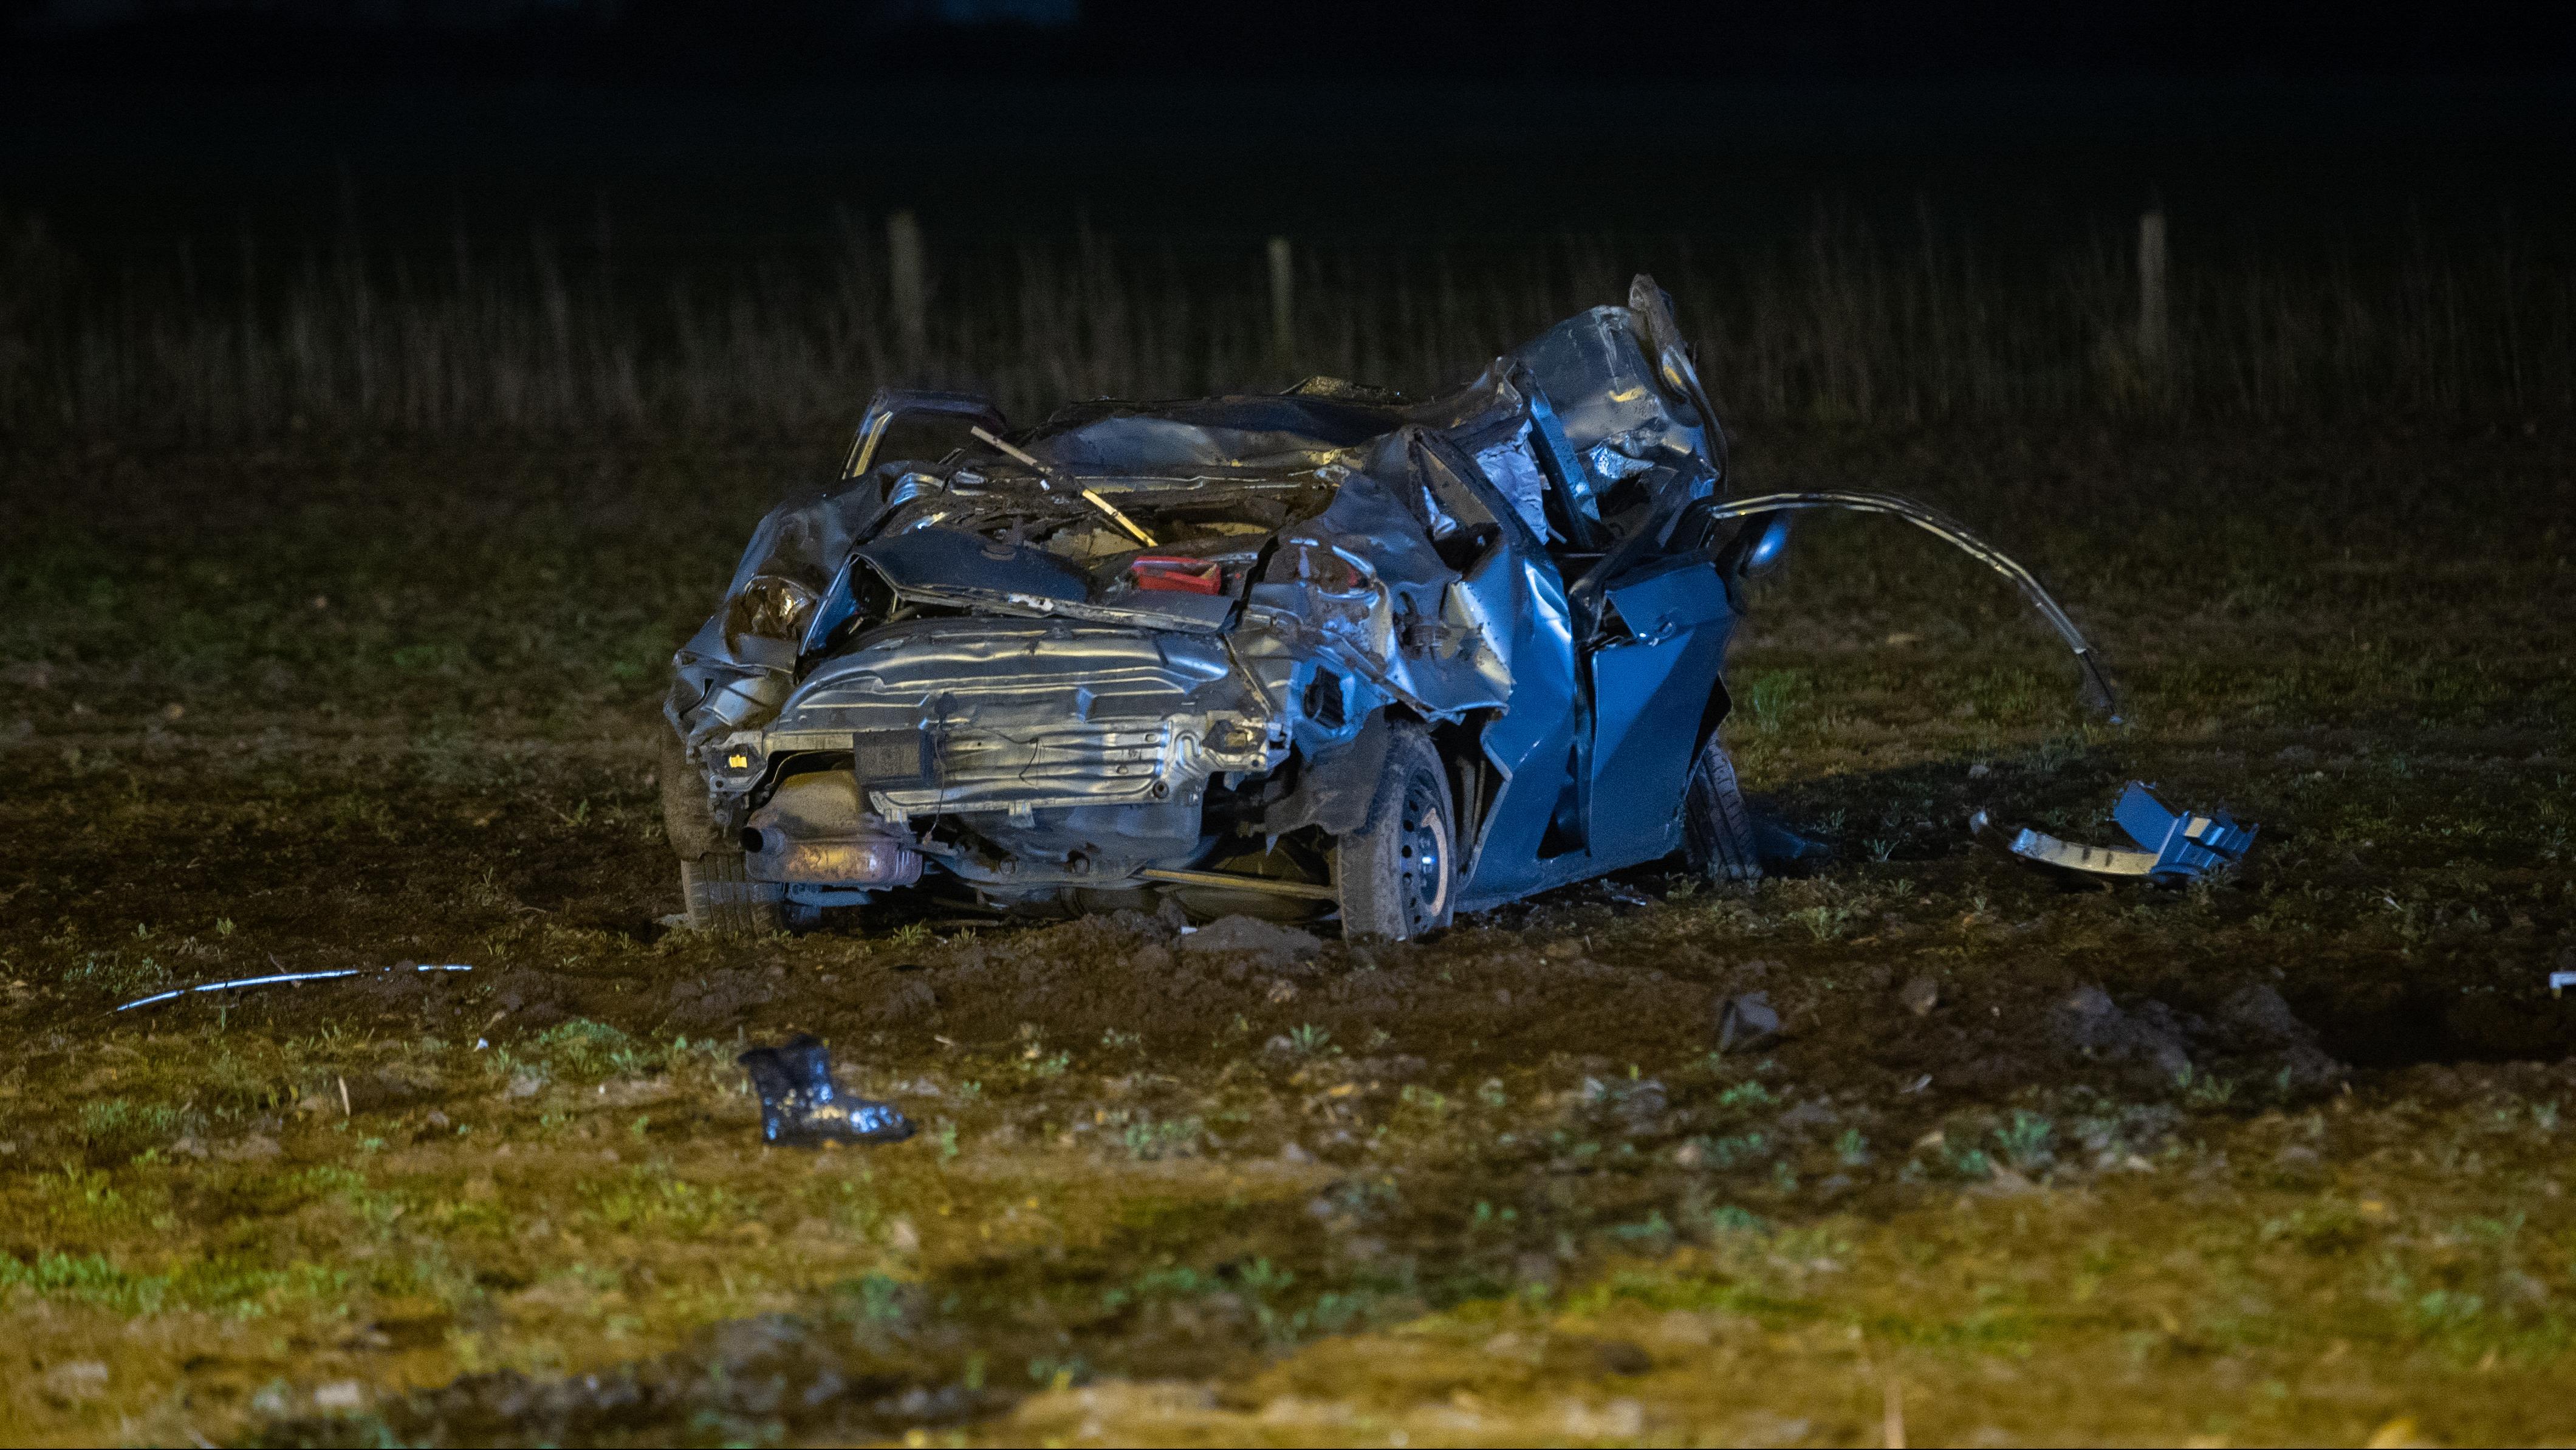 Zwaar ongeval na politieachtervolging bij Deventer: zoekactie naar andere passagiers.